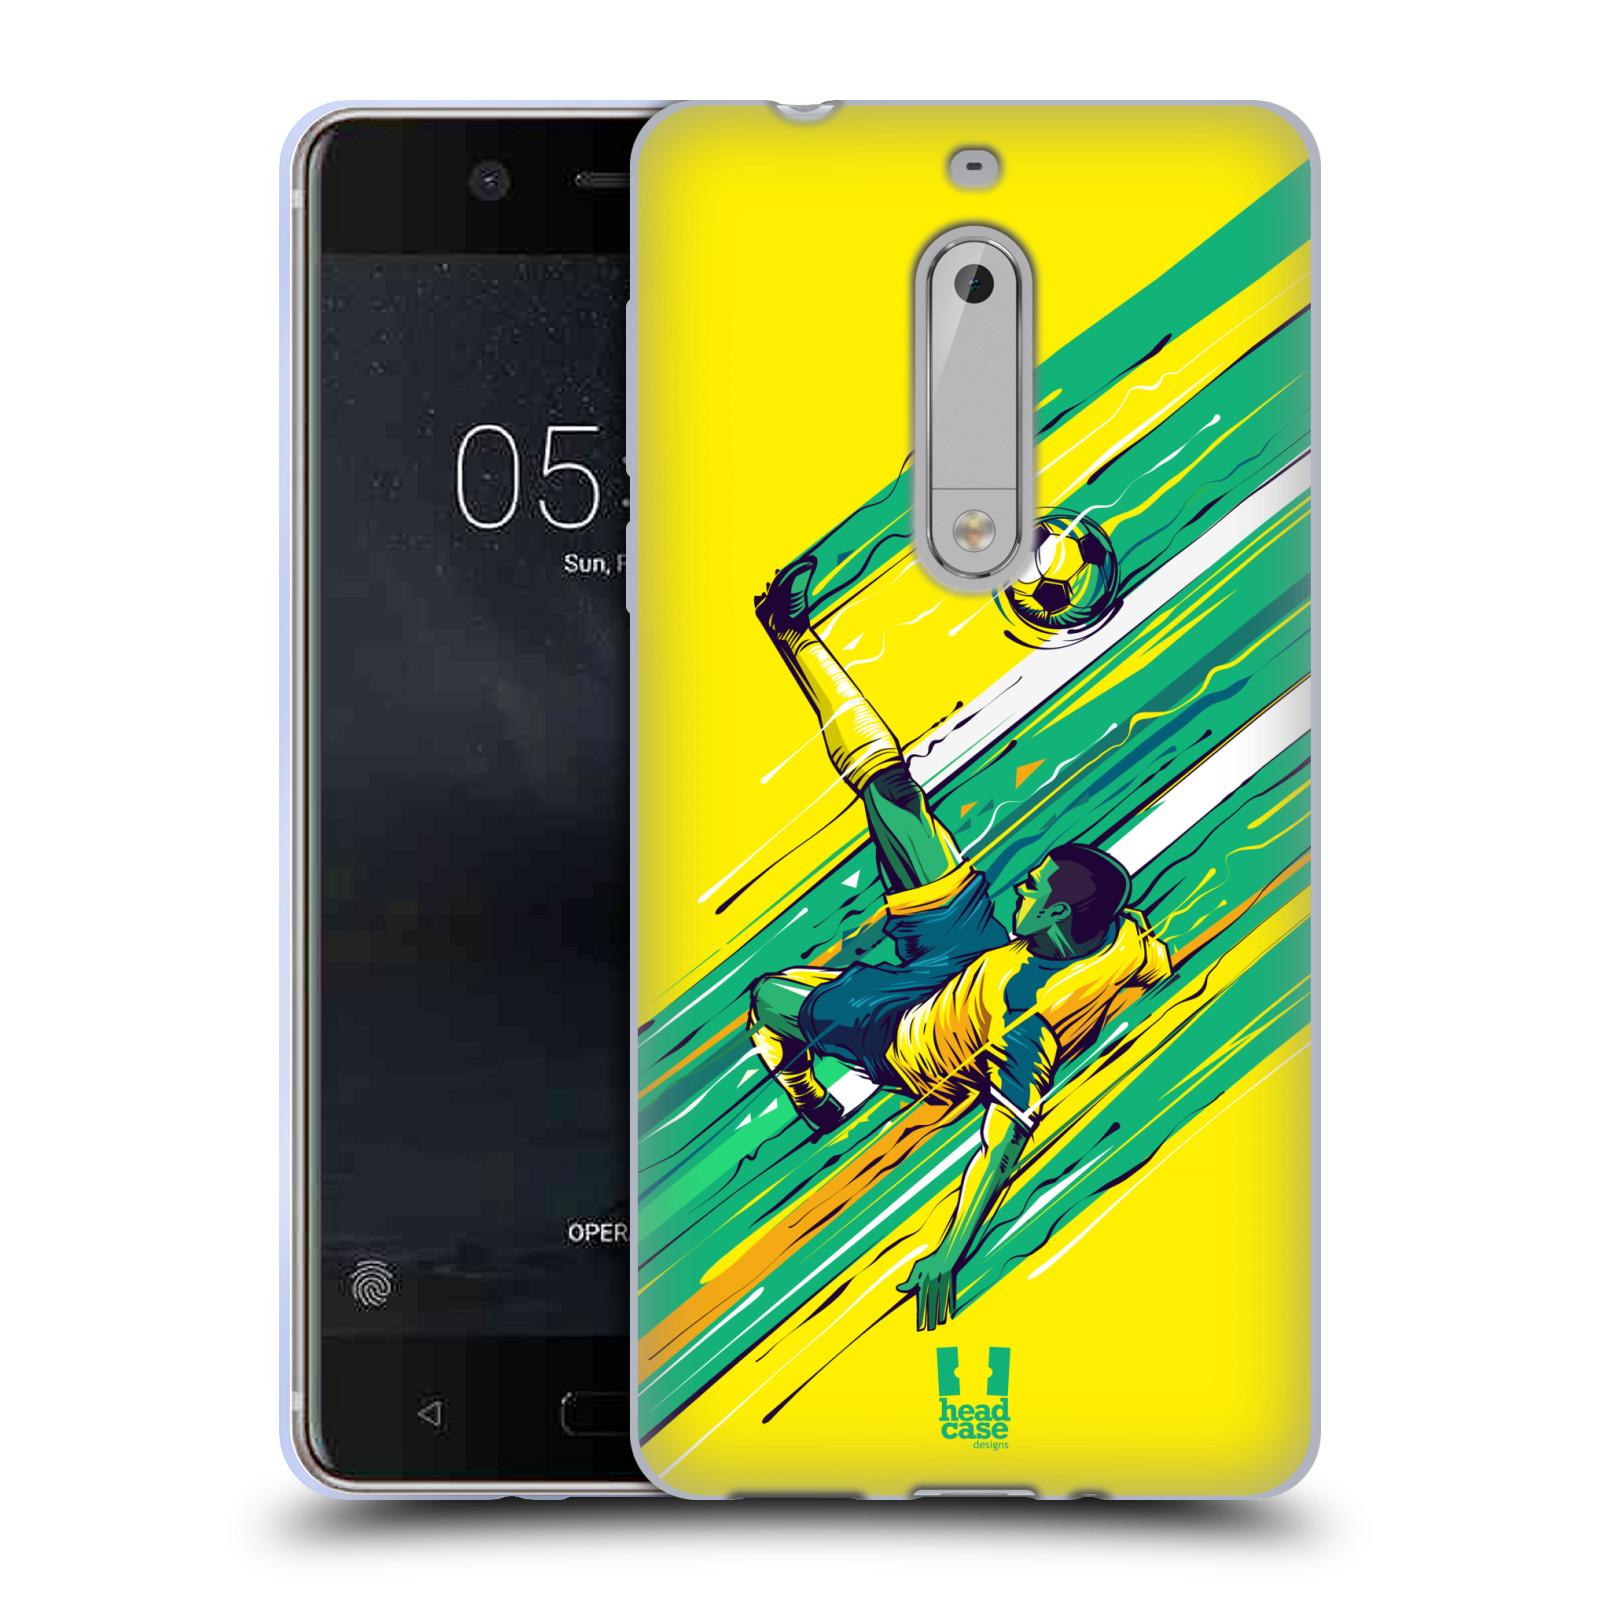 HEAD CASE silikonový obal na mobil Nokia 5 Sport fotbal kreslený nůžky